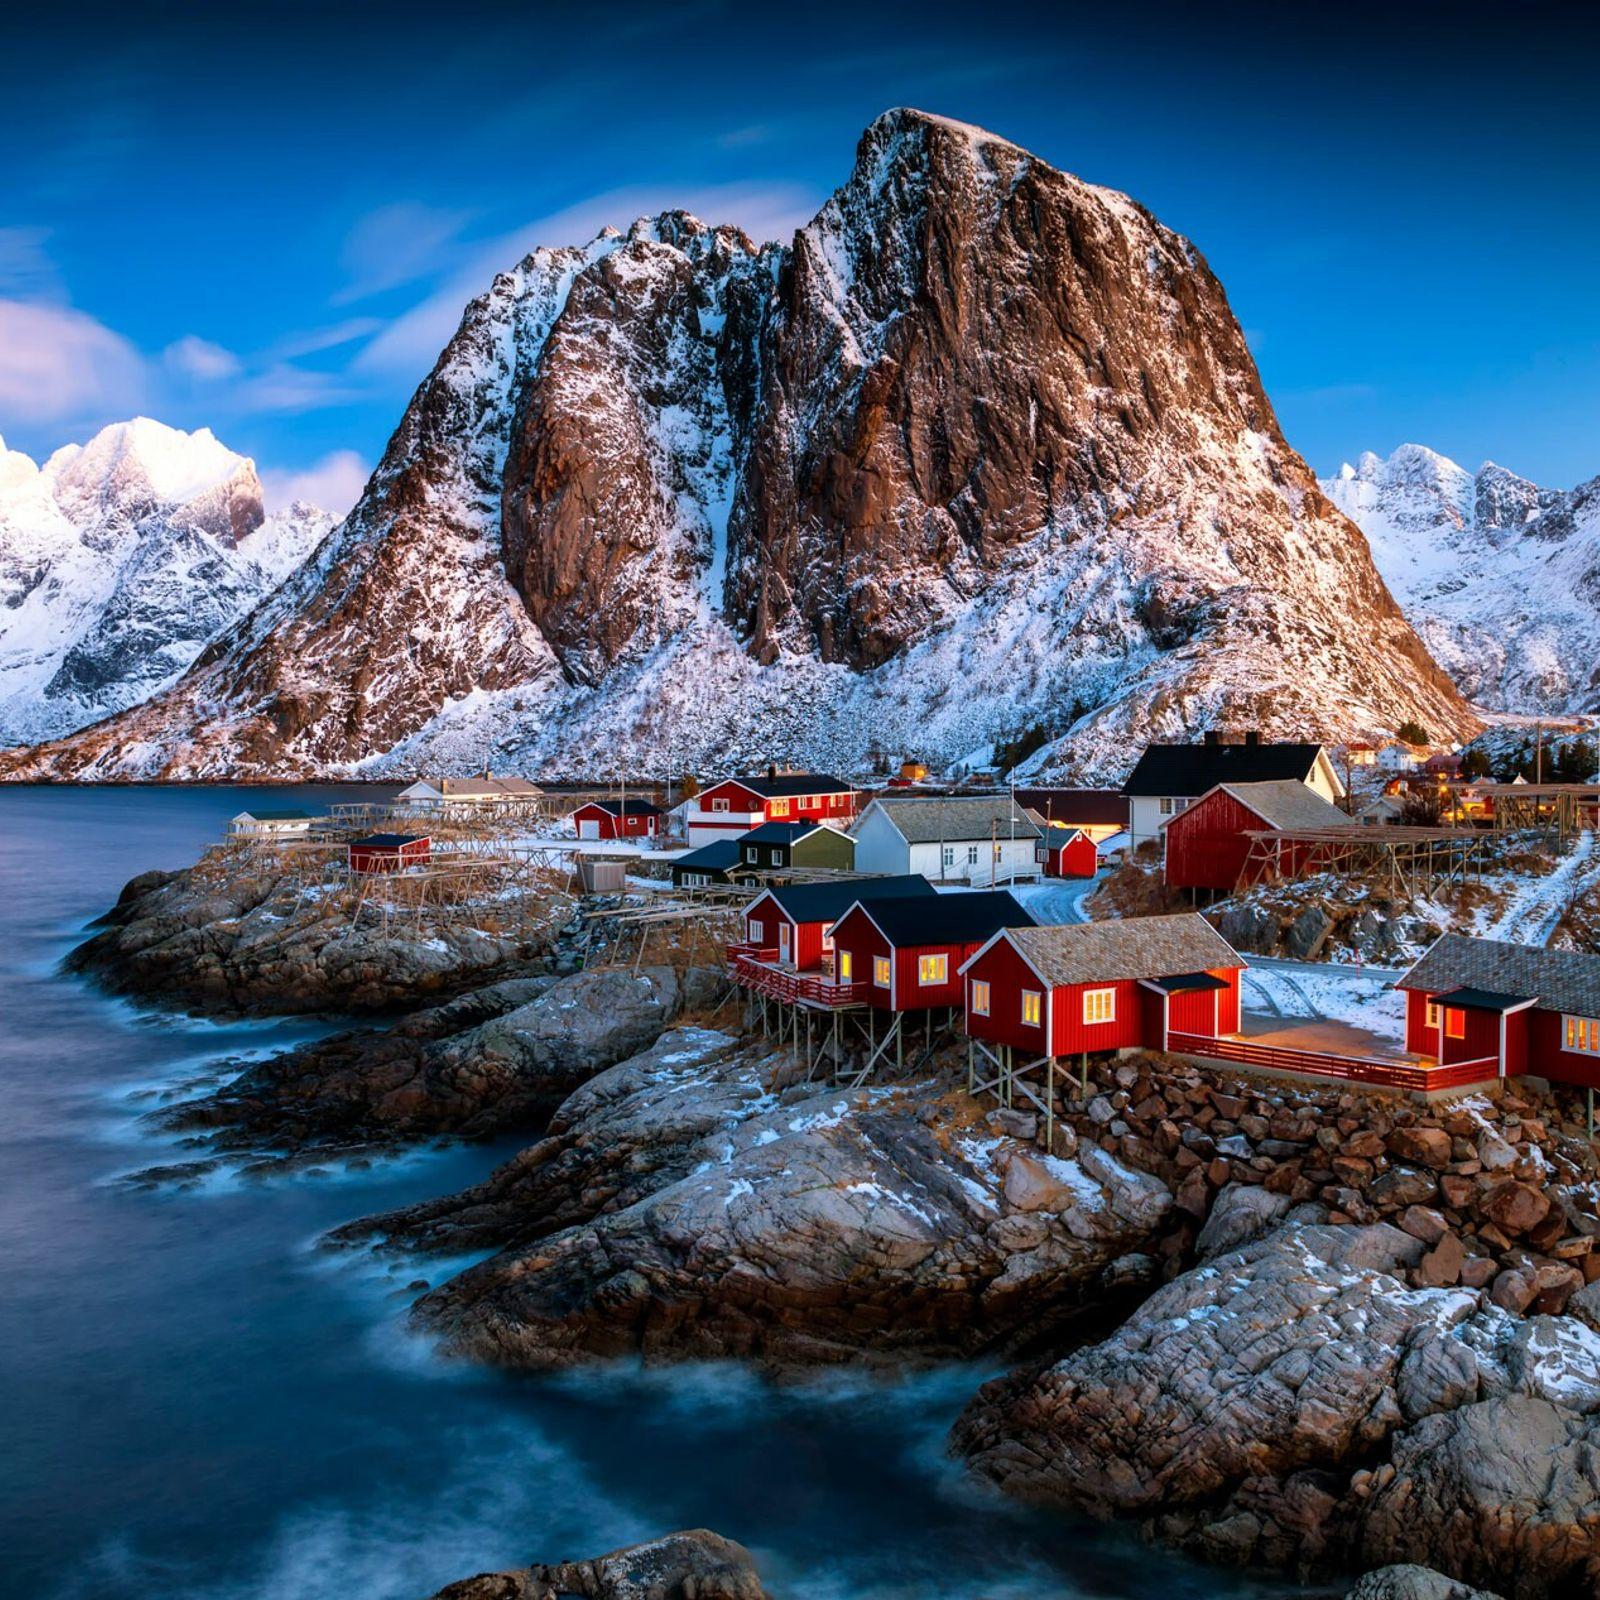 Mountain huts on theHardangervidda Plateau, Norway.